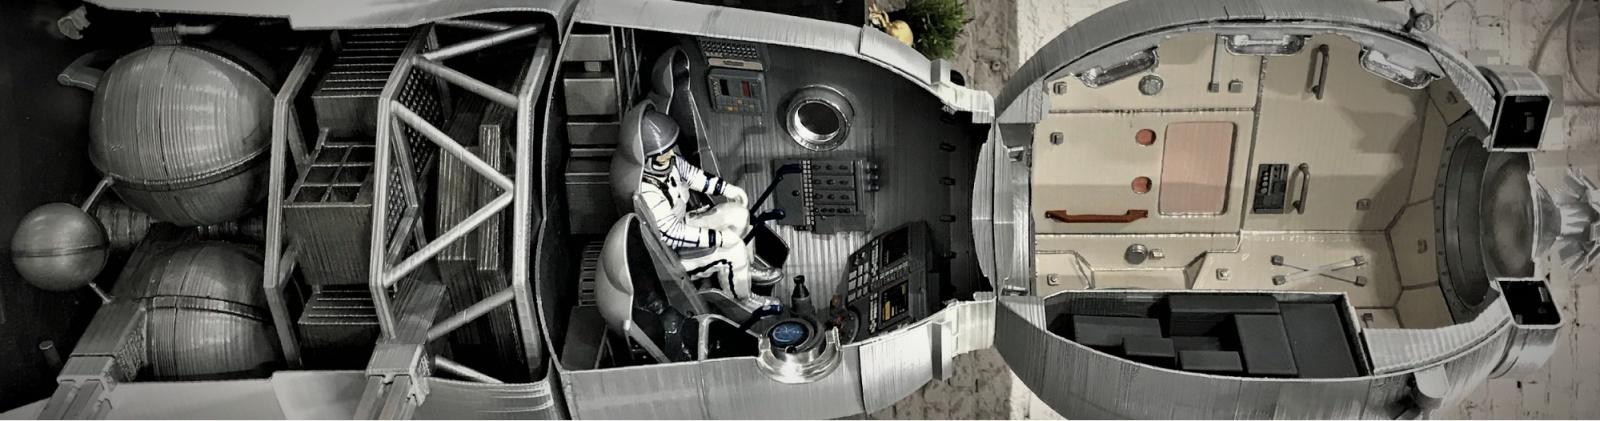 Как мы делали макеты космической техники для Московского авиационного института - 28